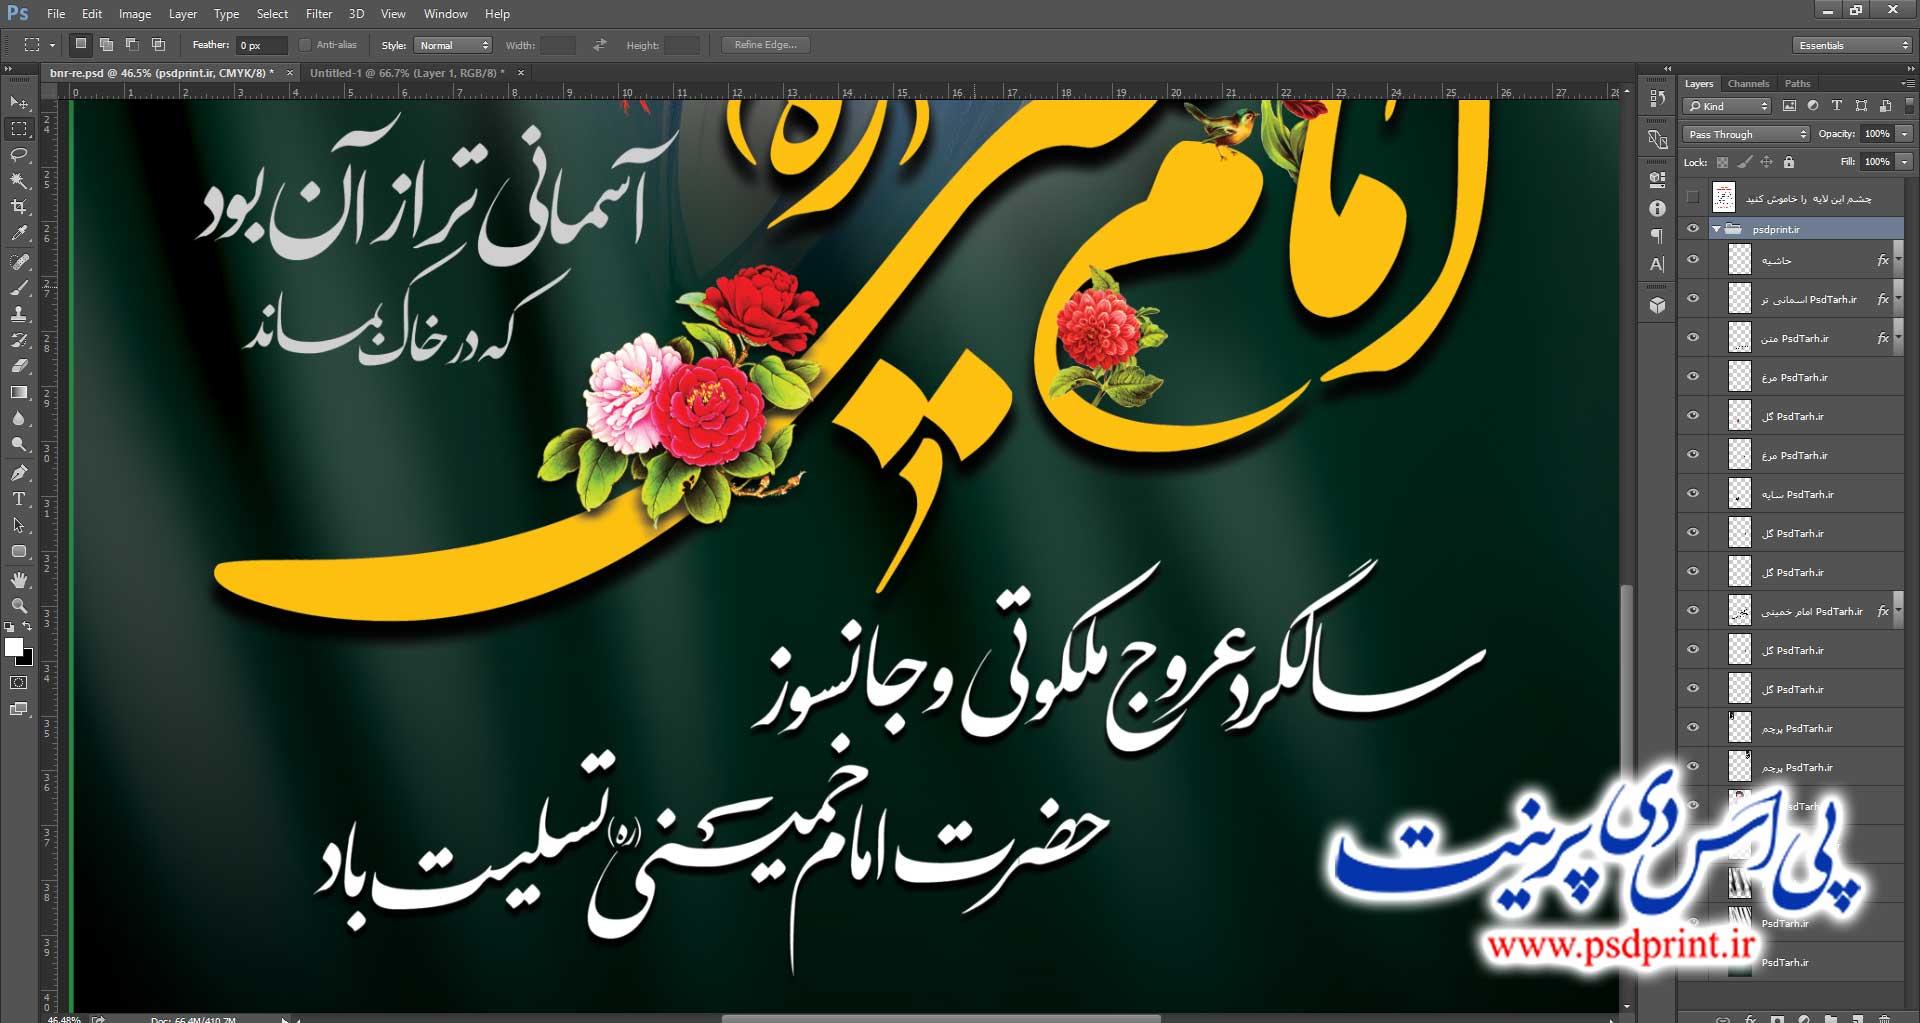 بنر ارتحال امام خمینی